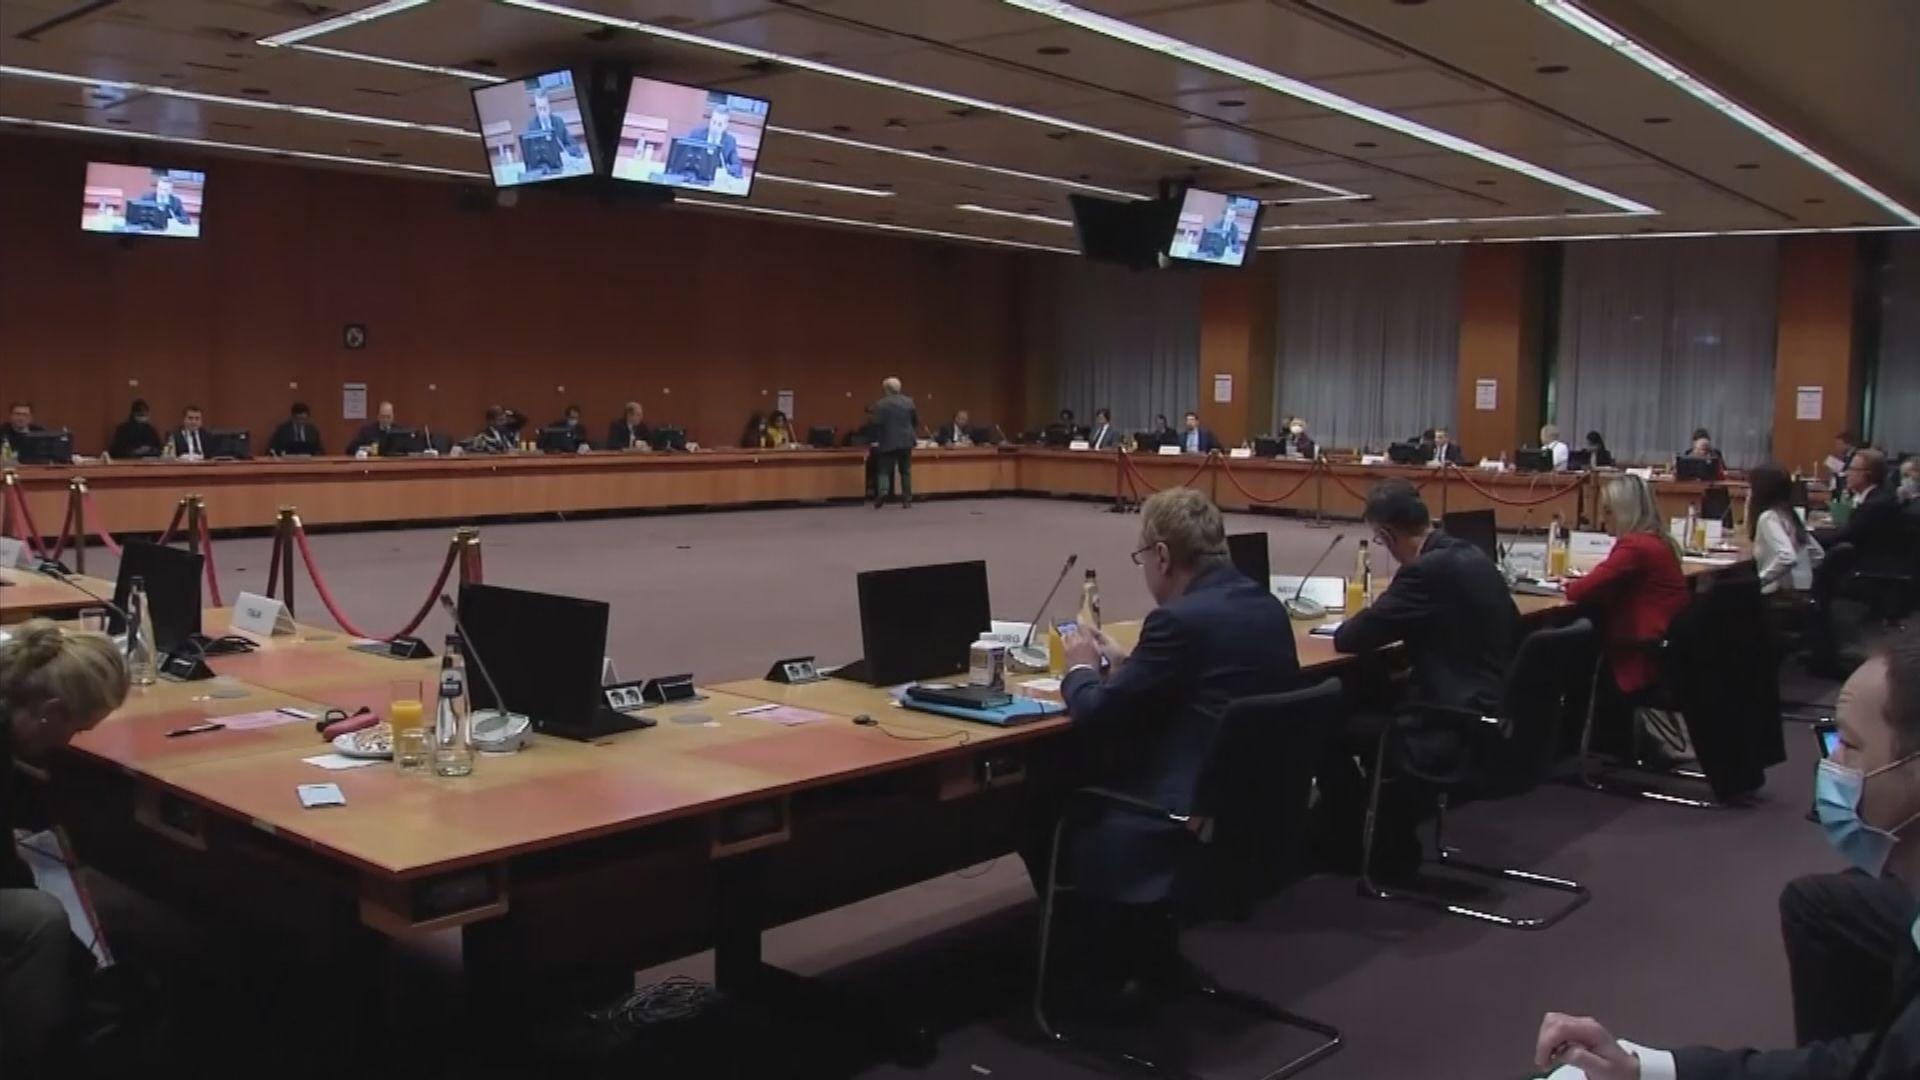 據報歐盟首席談判代表指周三是貿易談判最後期限